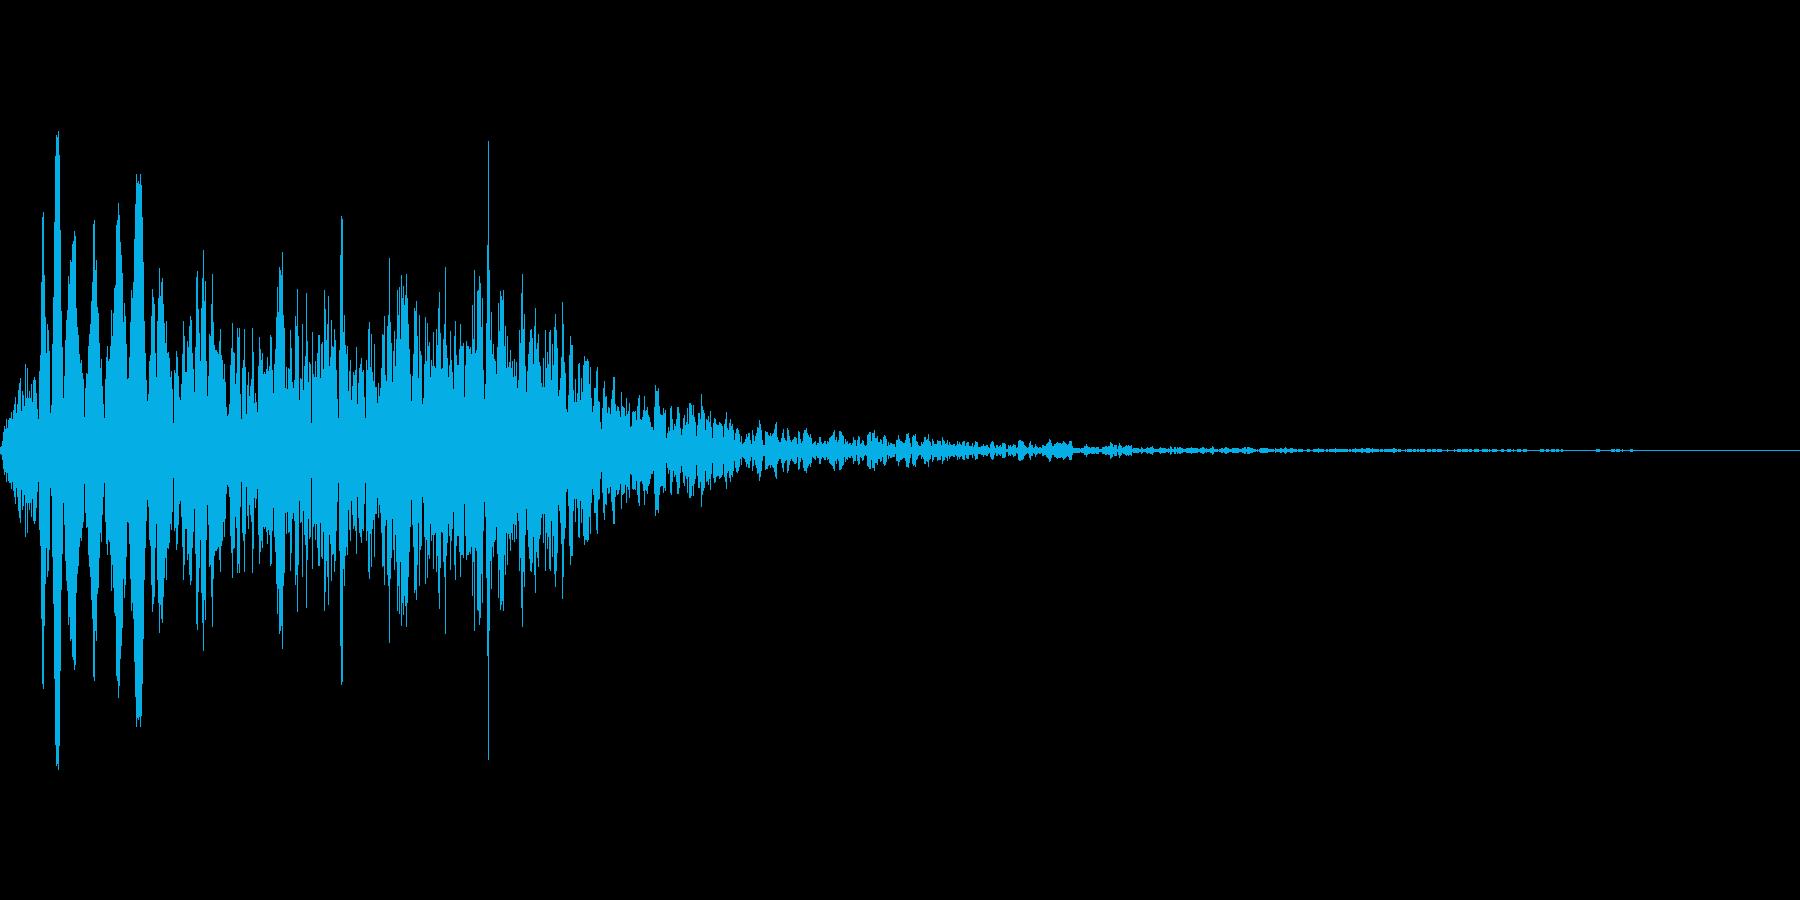 吹きすさぶ風・竜巻系の魔法(低レベル)mの再生済みの波形